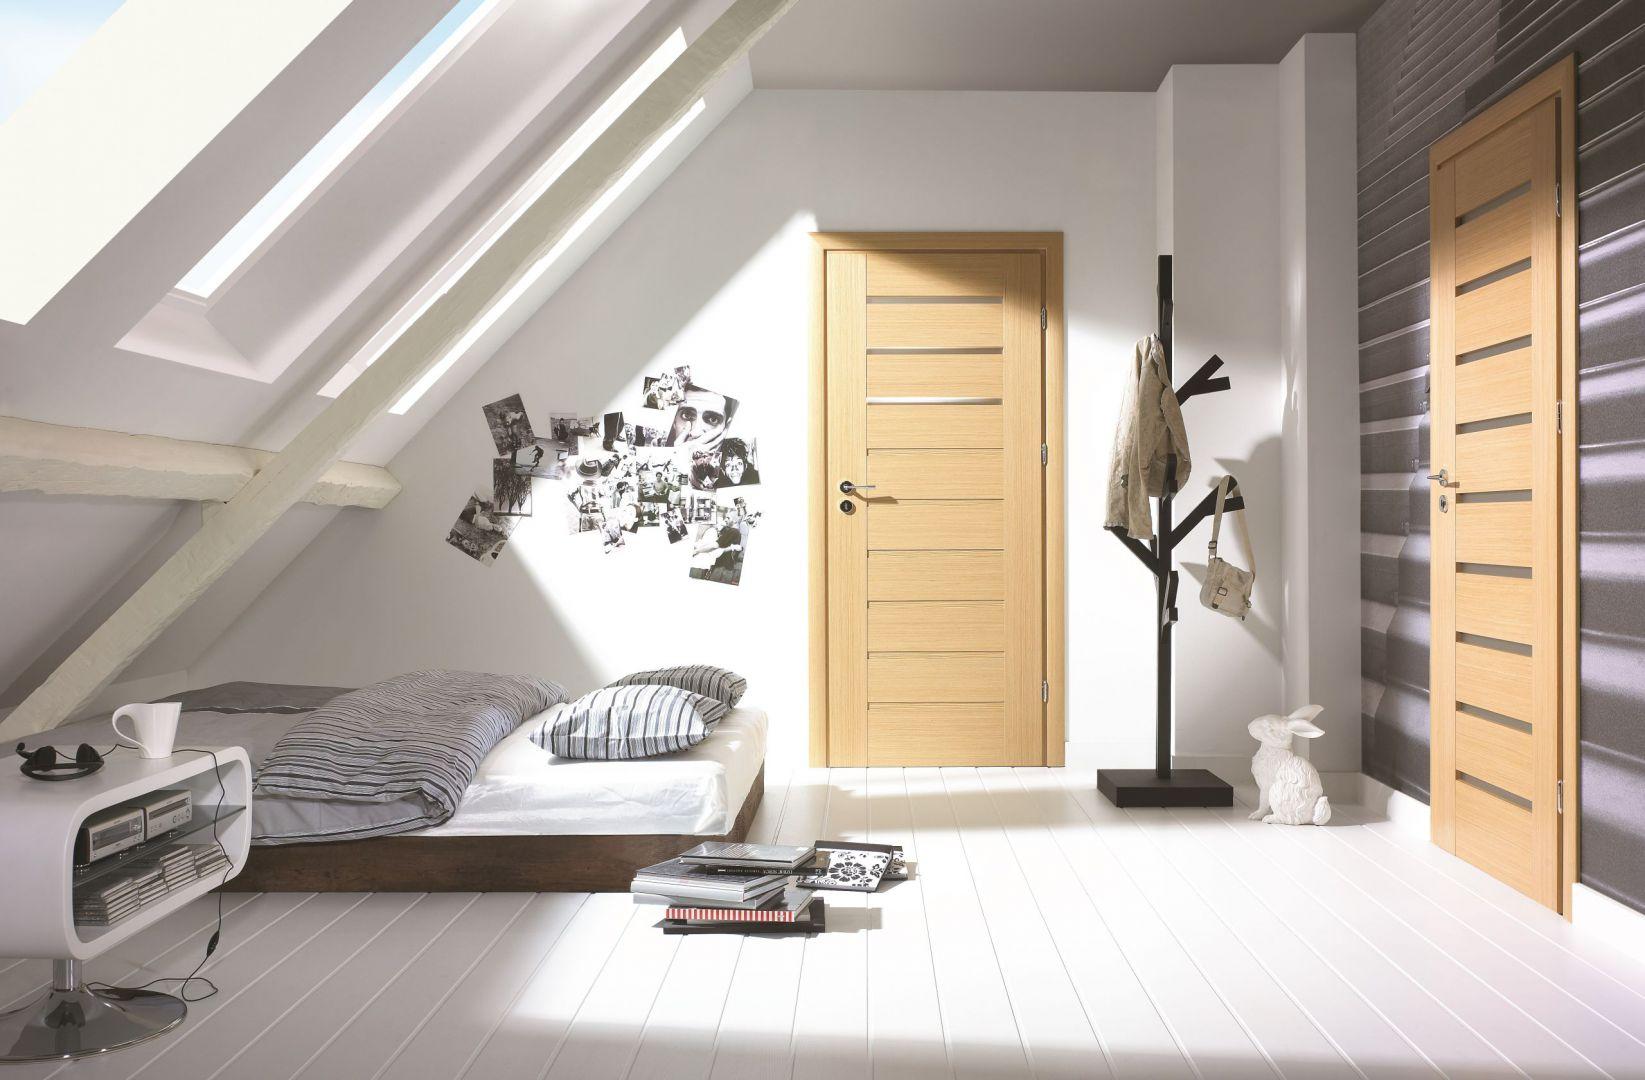 Przeszklenia w drzwiach wydobędą piękno wnętrza. Fot. Porta